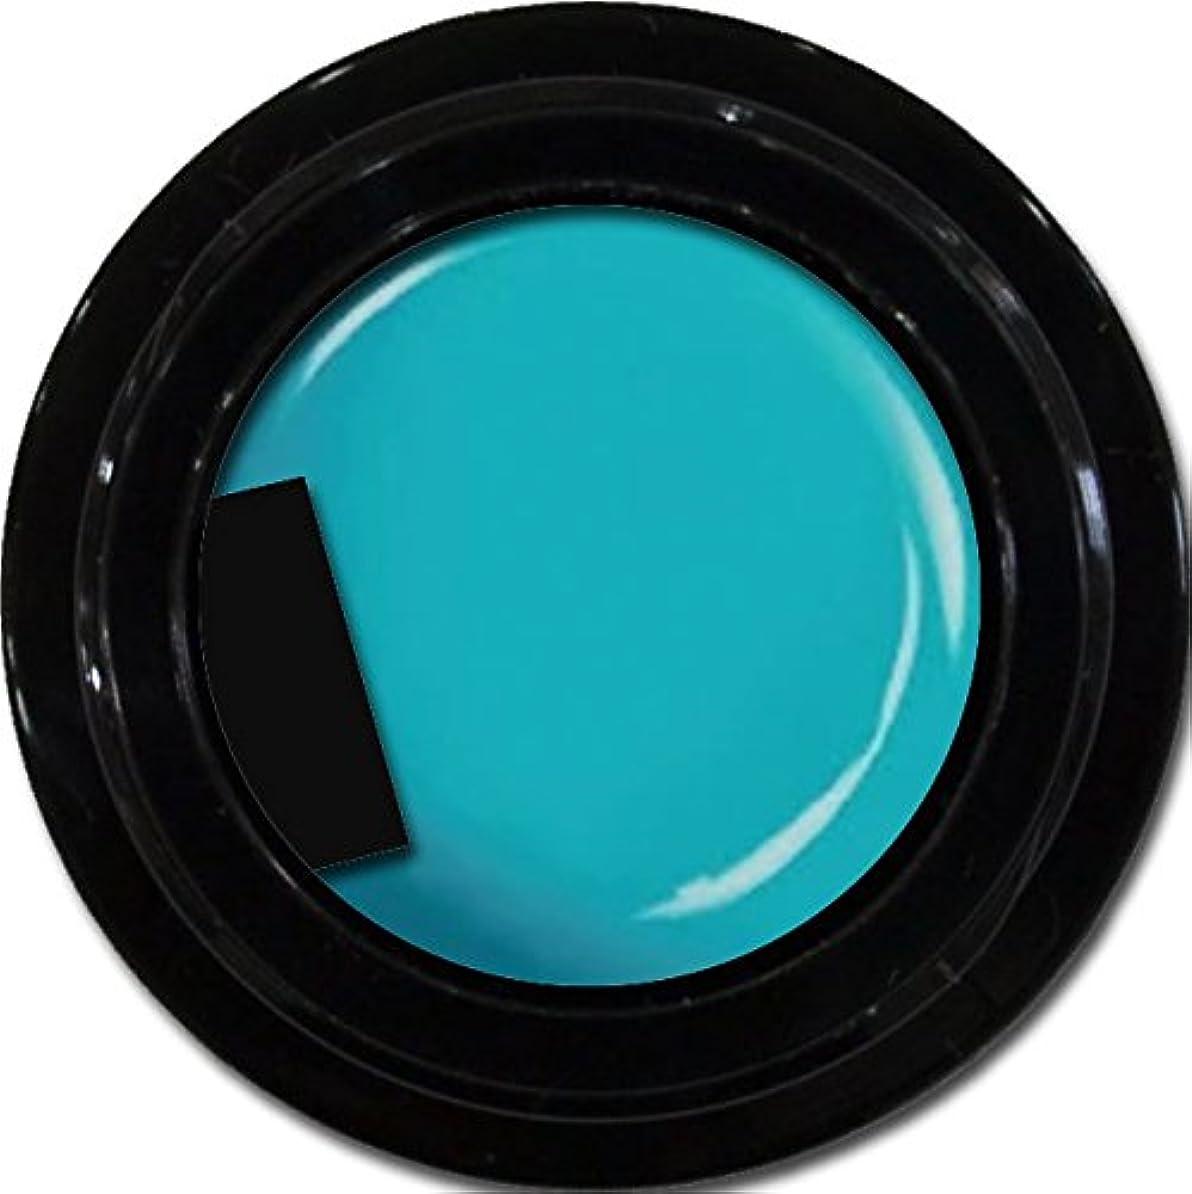 サンドイッチブリリアントガムカラージェル enchant color gel M707 CanalBlue3g/ マットカラージェル M707カナールブルー 3グラム